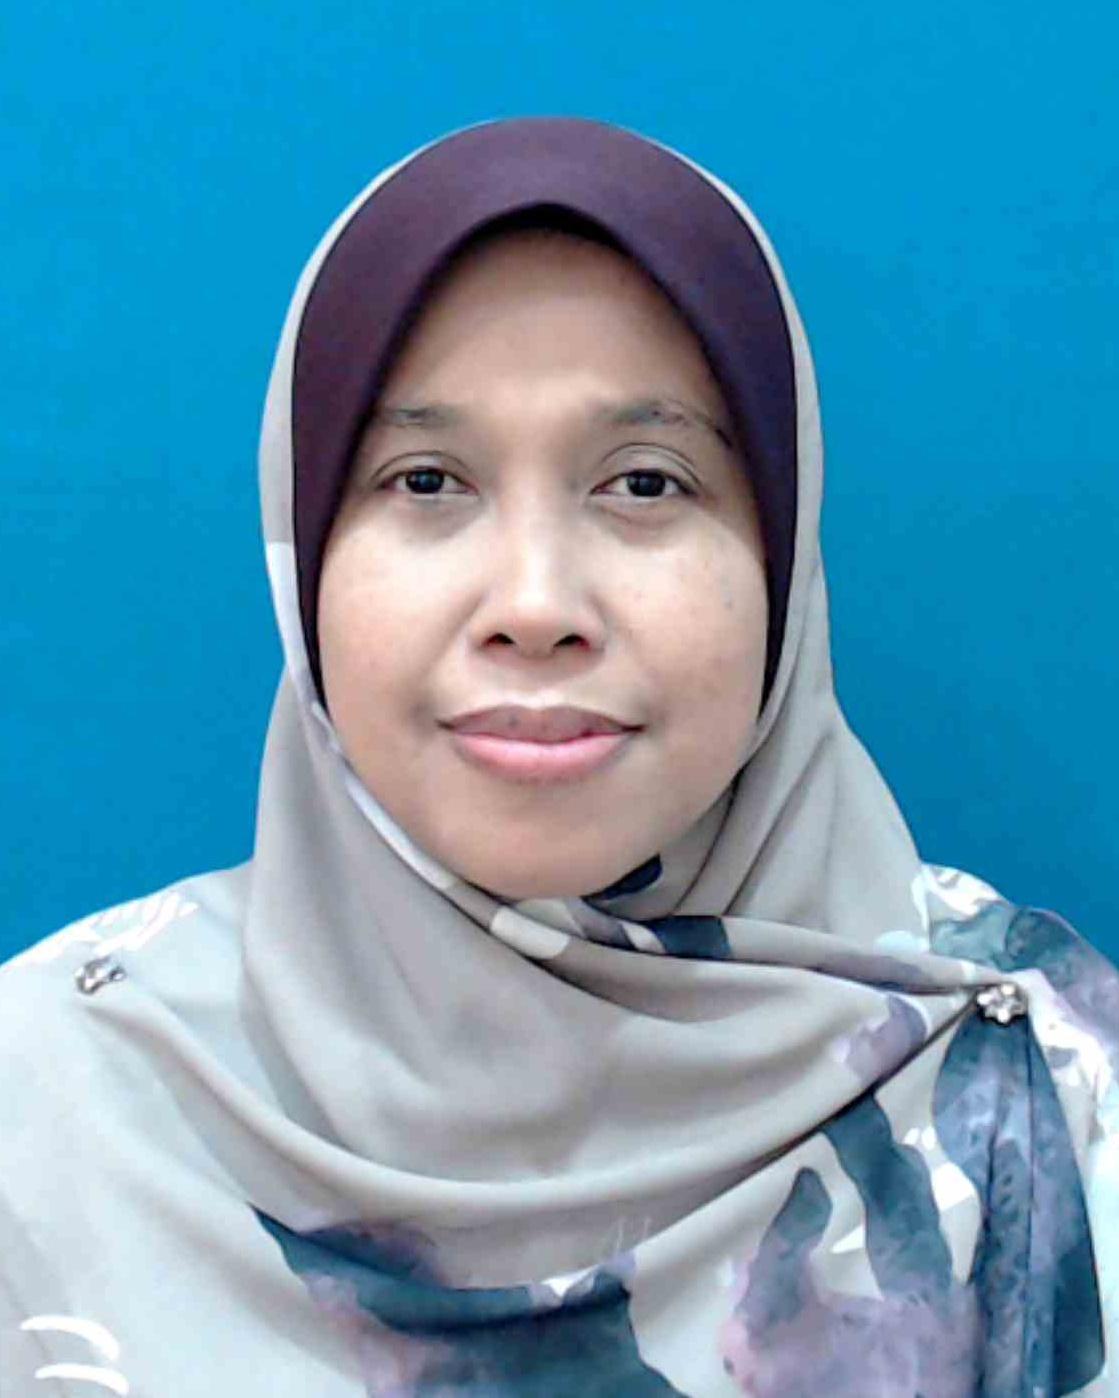 Maisarah Binti Abdul Rahman